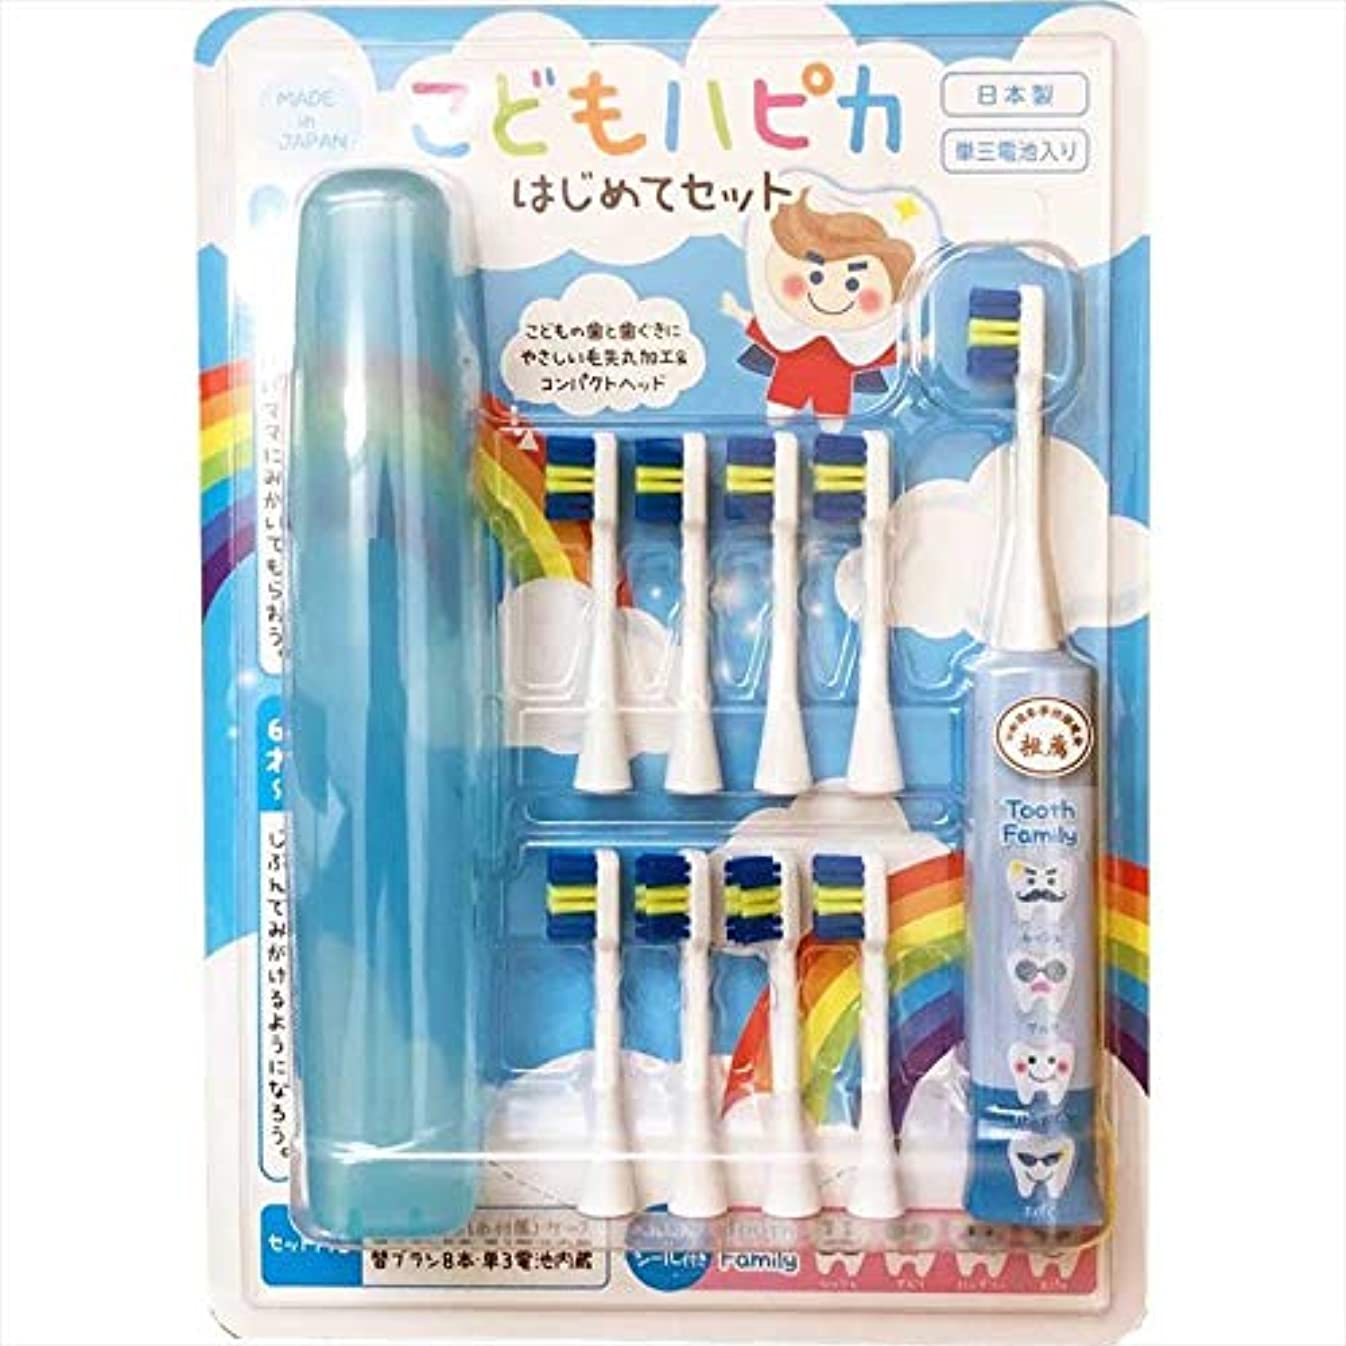 性能半導体ドライこどもハピカセット ブルー 子供用電動歯ブラシ